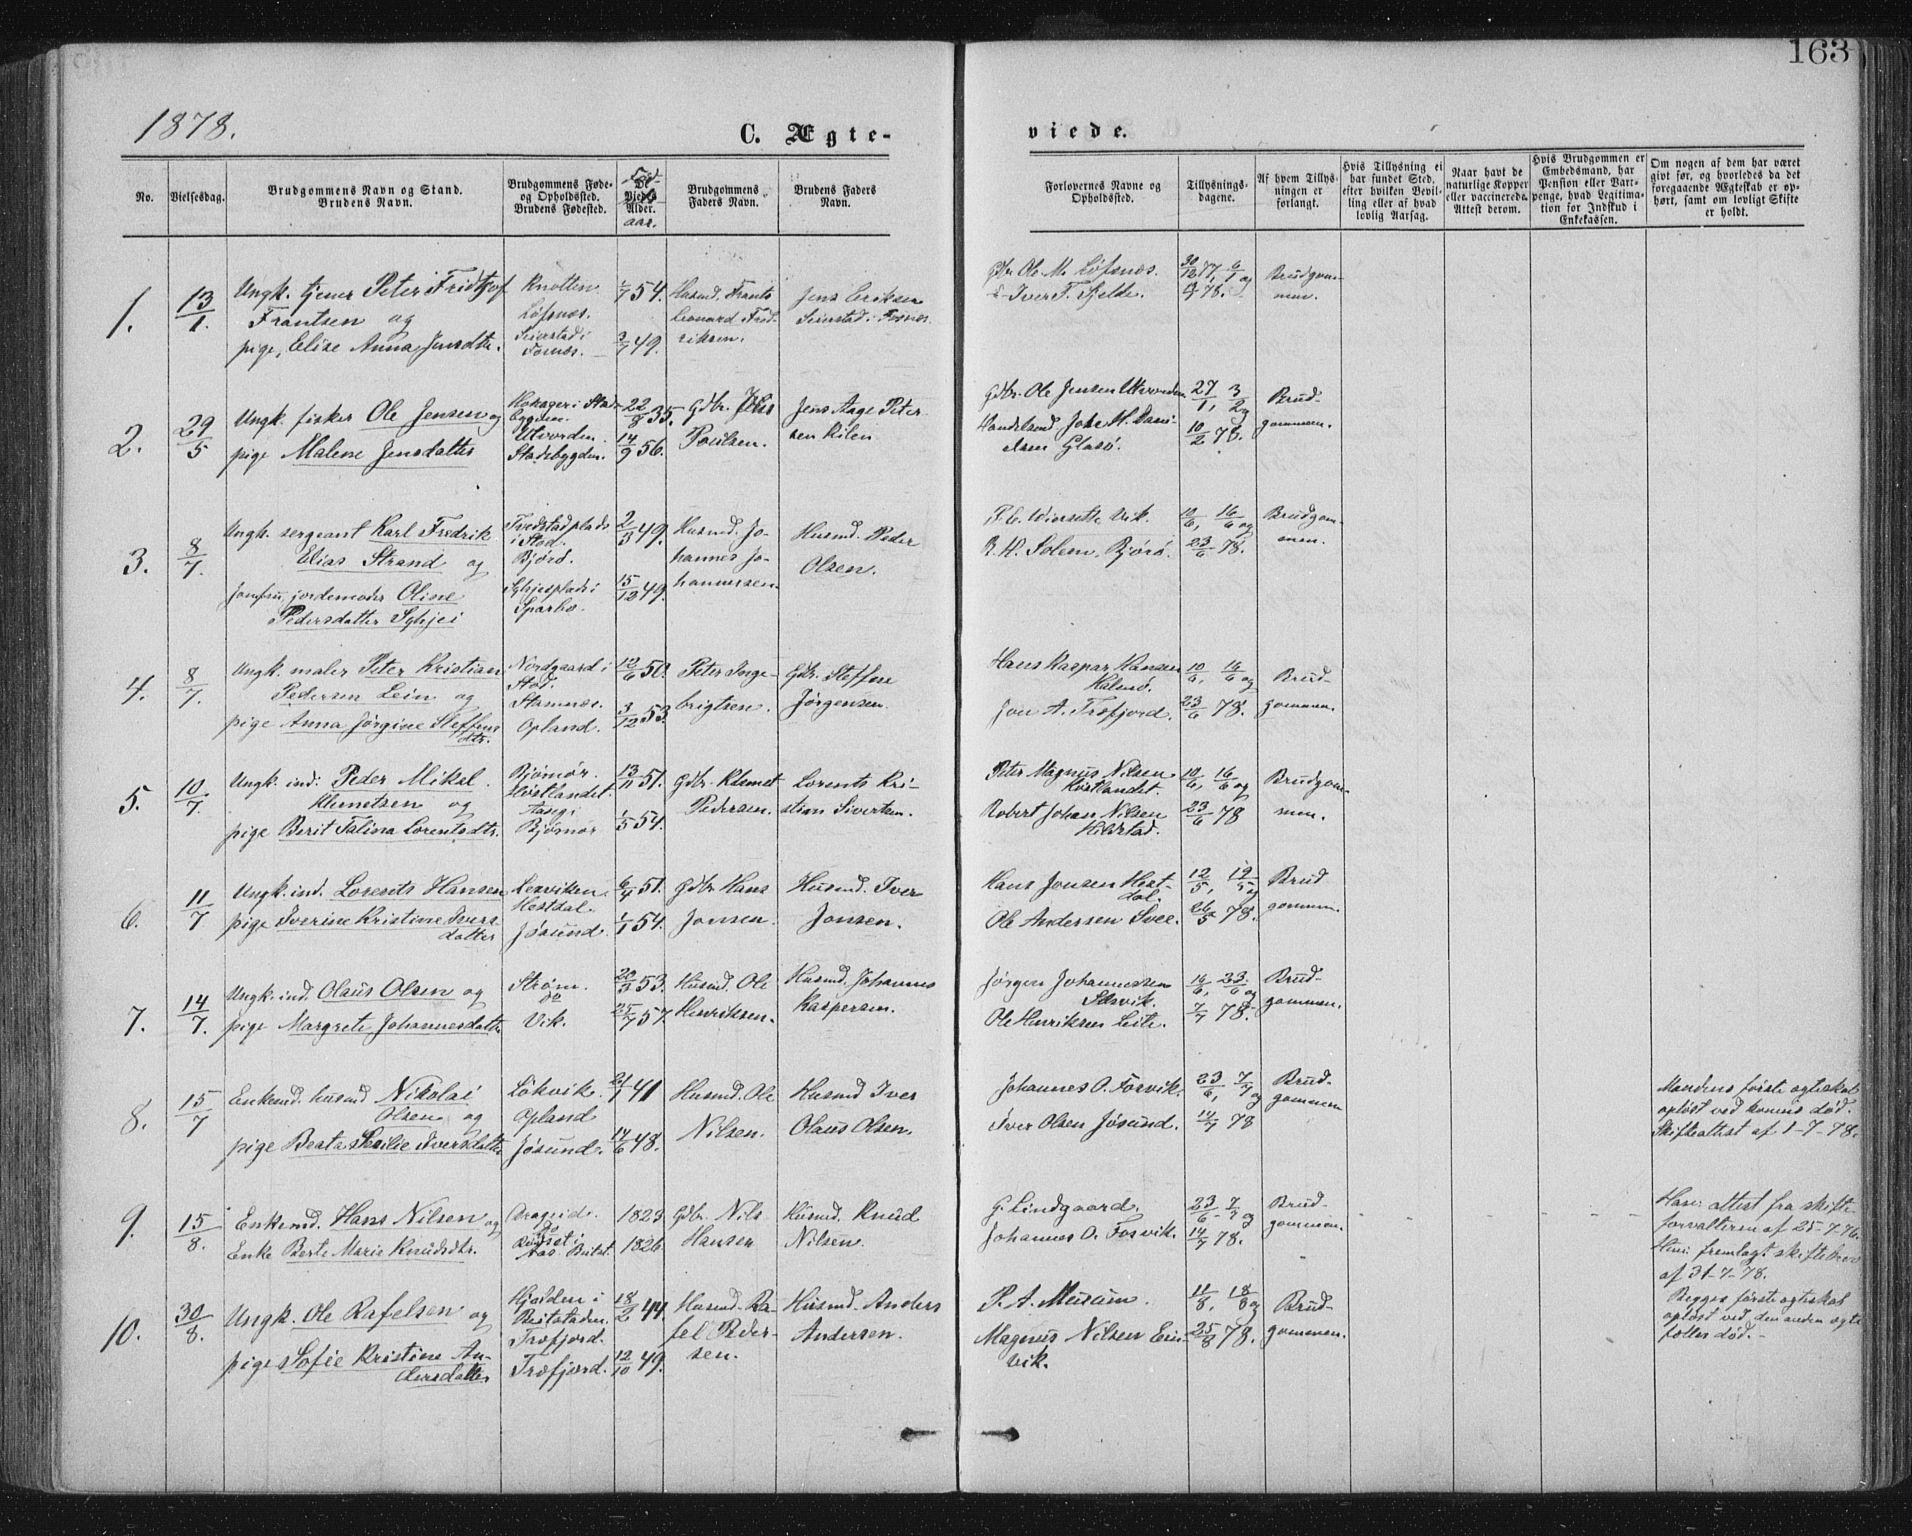 SAT, Ministerialprotokoller, klokkerbøker og fødselsregistre - Nord-Trøndelag, 771/L0596: Ministerialbok nr. 771A03, 1870-1884, s. 163